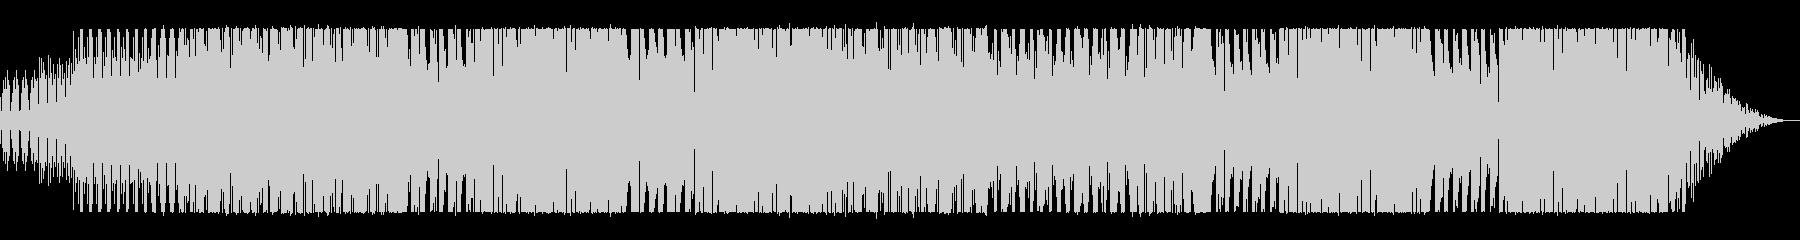 エレクトロニック 技術的な 説明的...の未再生の波形